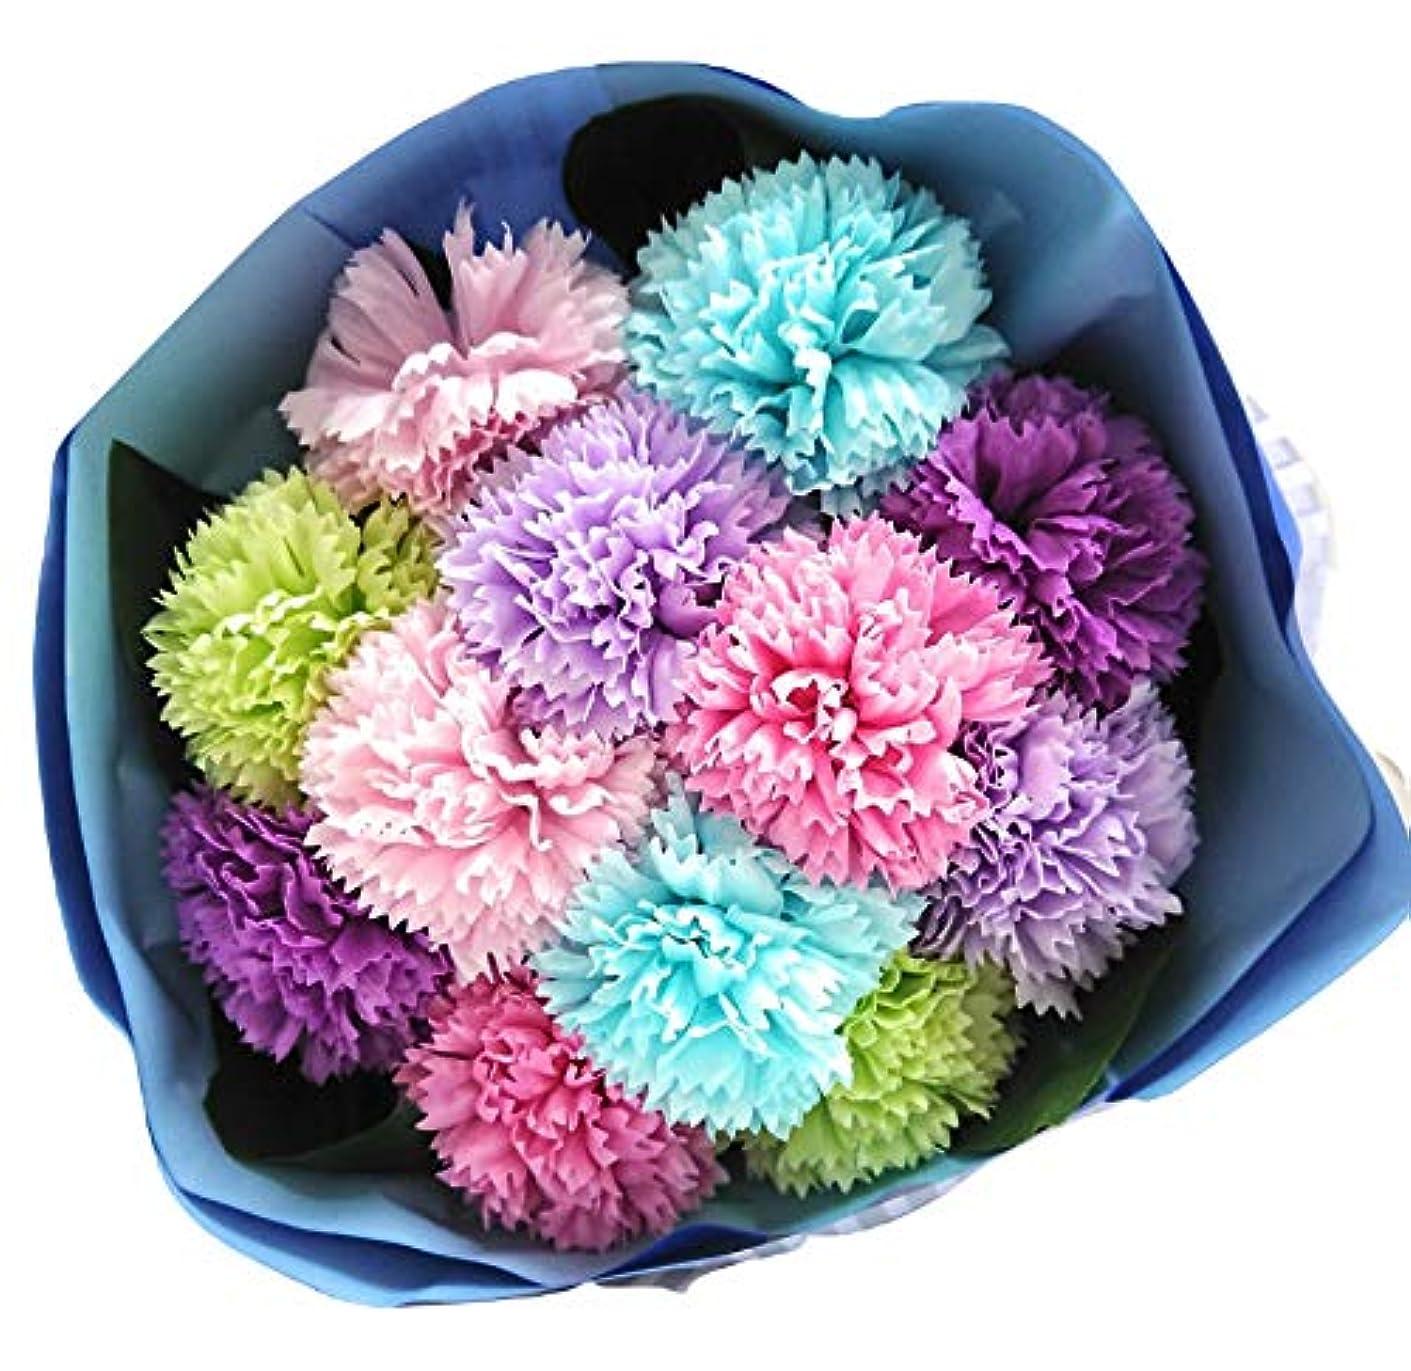 気球砲兵没頭するバスフレグランス バスフラワー カーネーションブーケ 母の日 ギフト お花の形の入浴剤 (MIX)